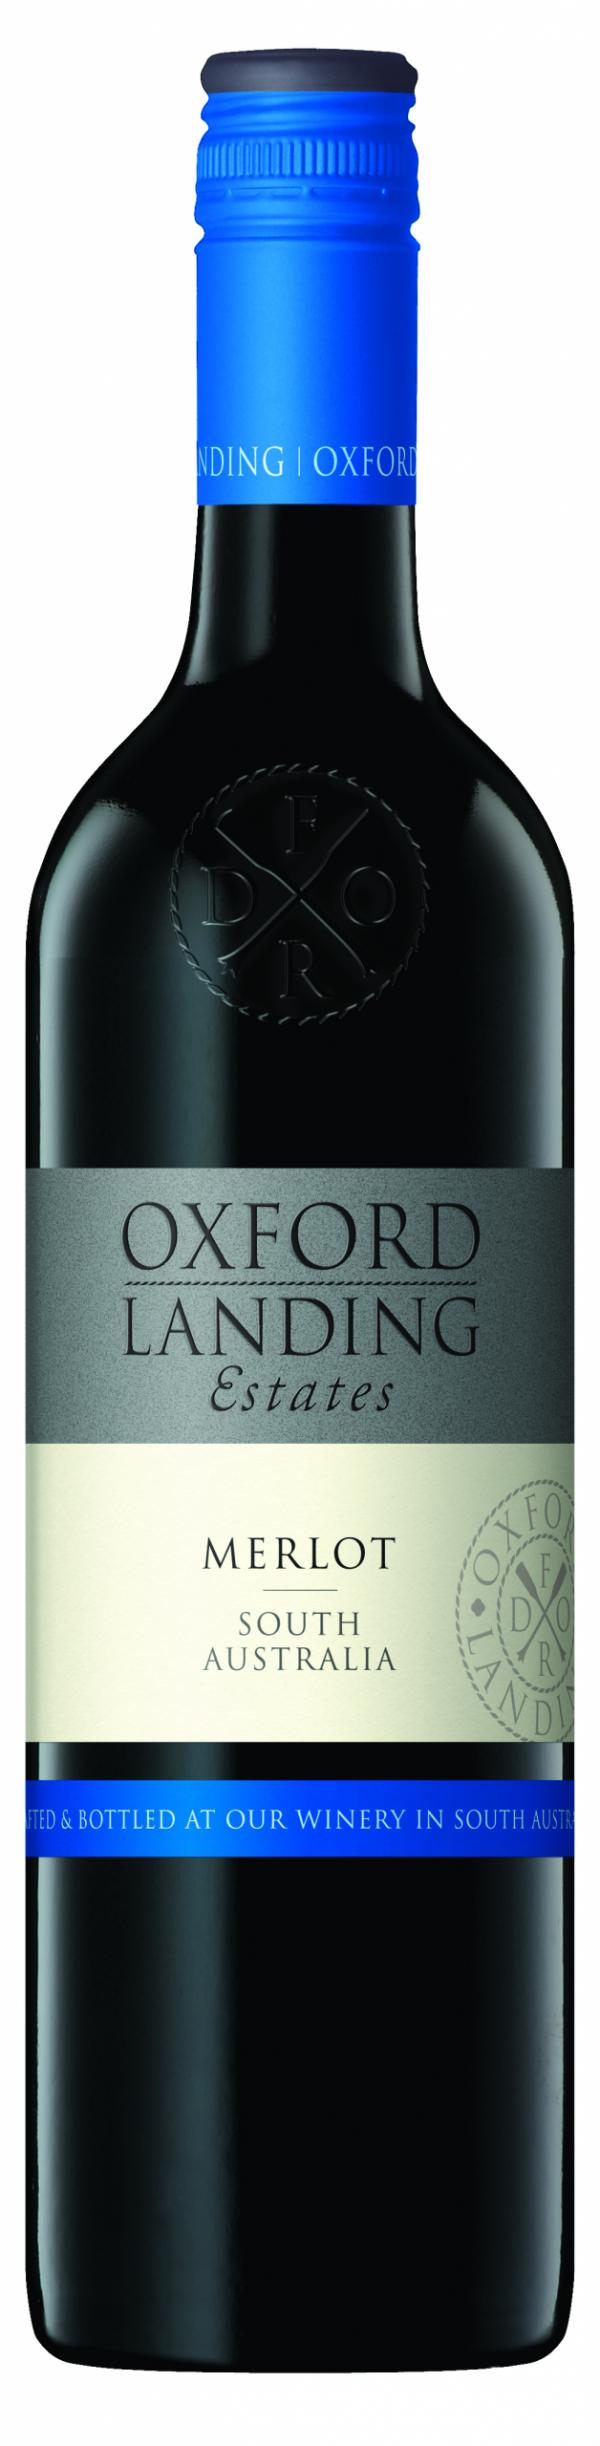 FLES OXFORD LANDING MERLOT SC 0.75 LTR.-0